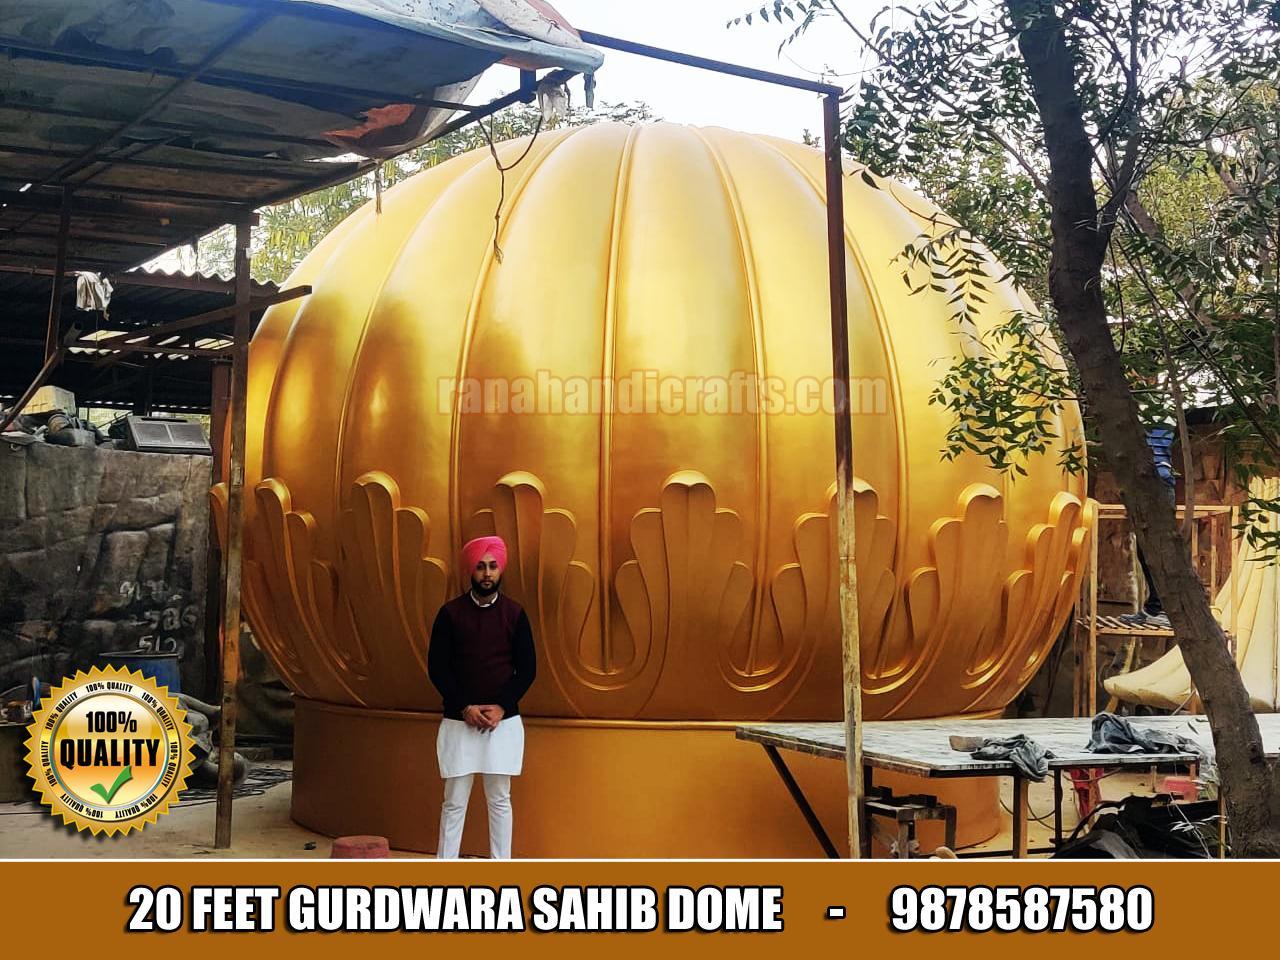 20 Feet Gurdwara Dome